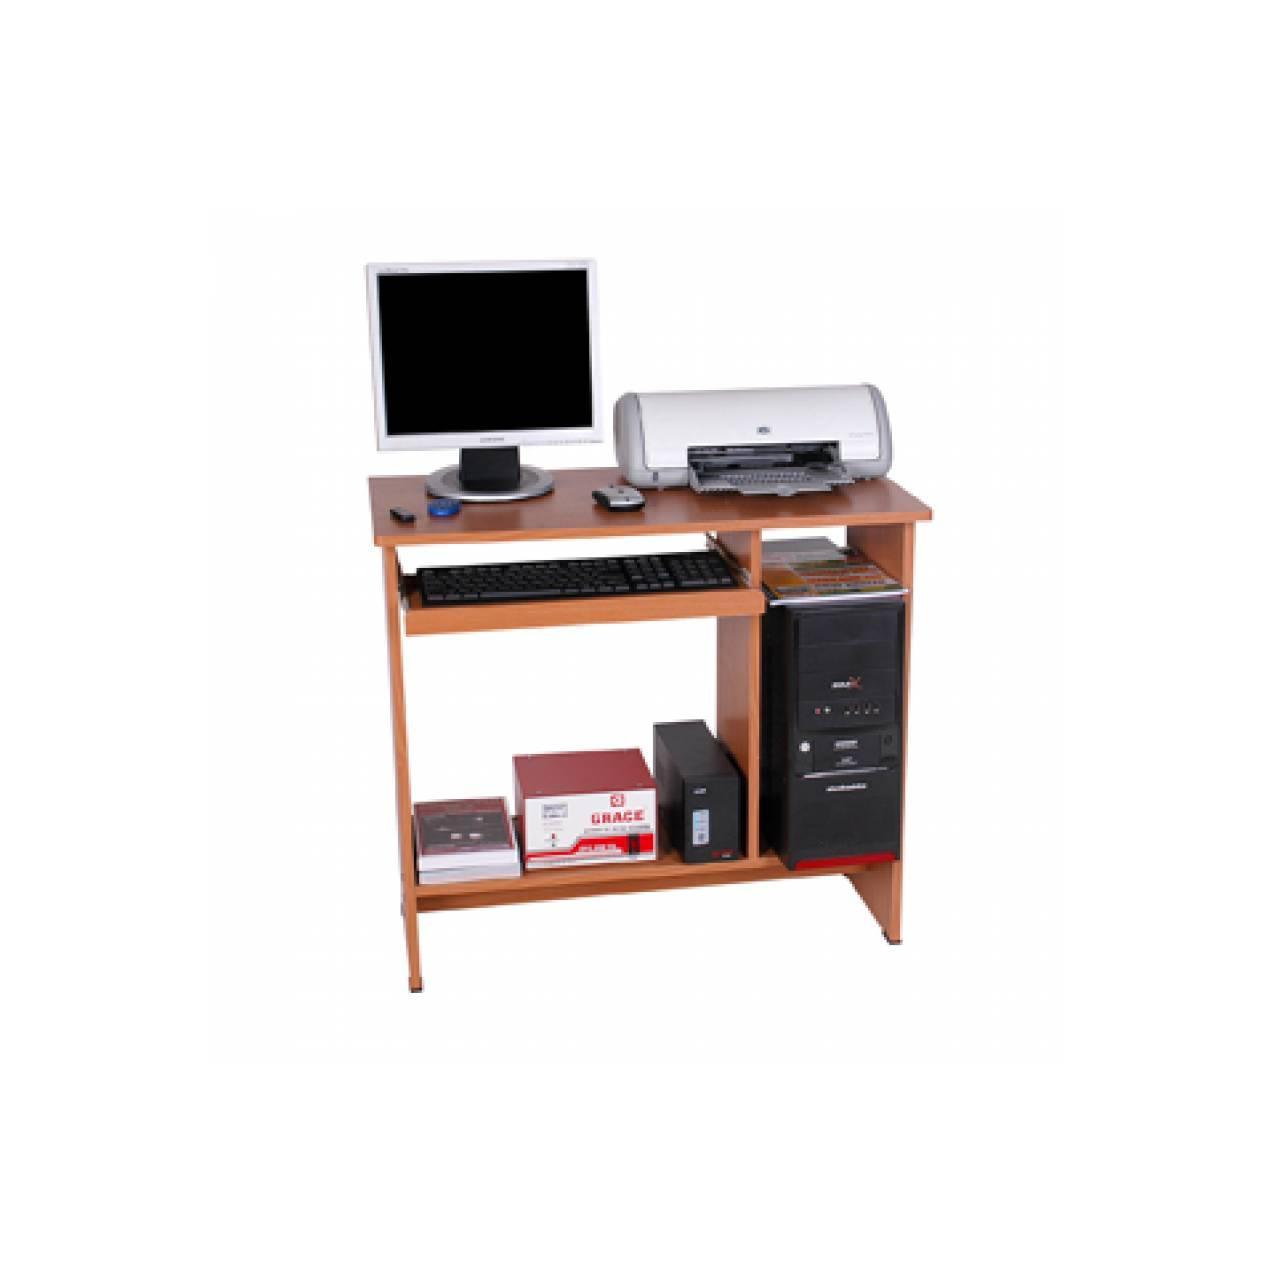 Meja Komputer Grace CD-280 Mahoni Brown